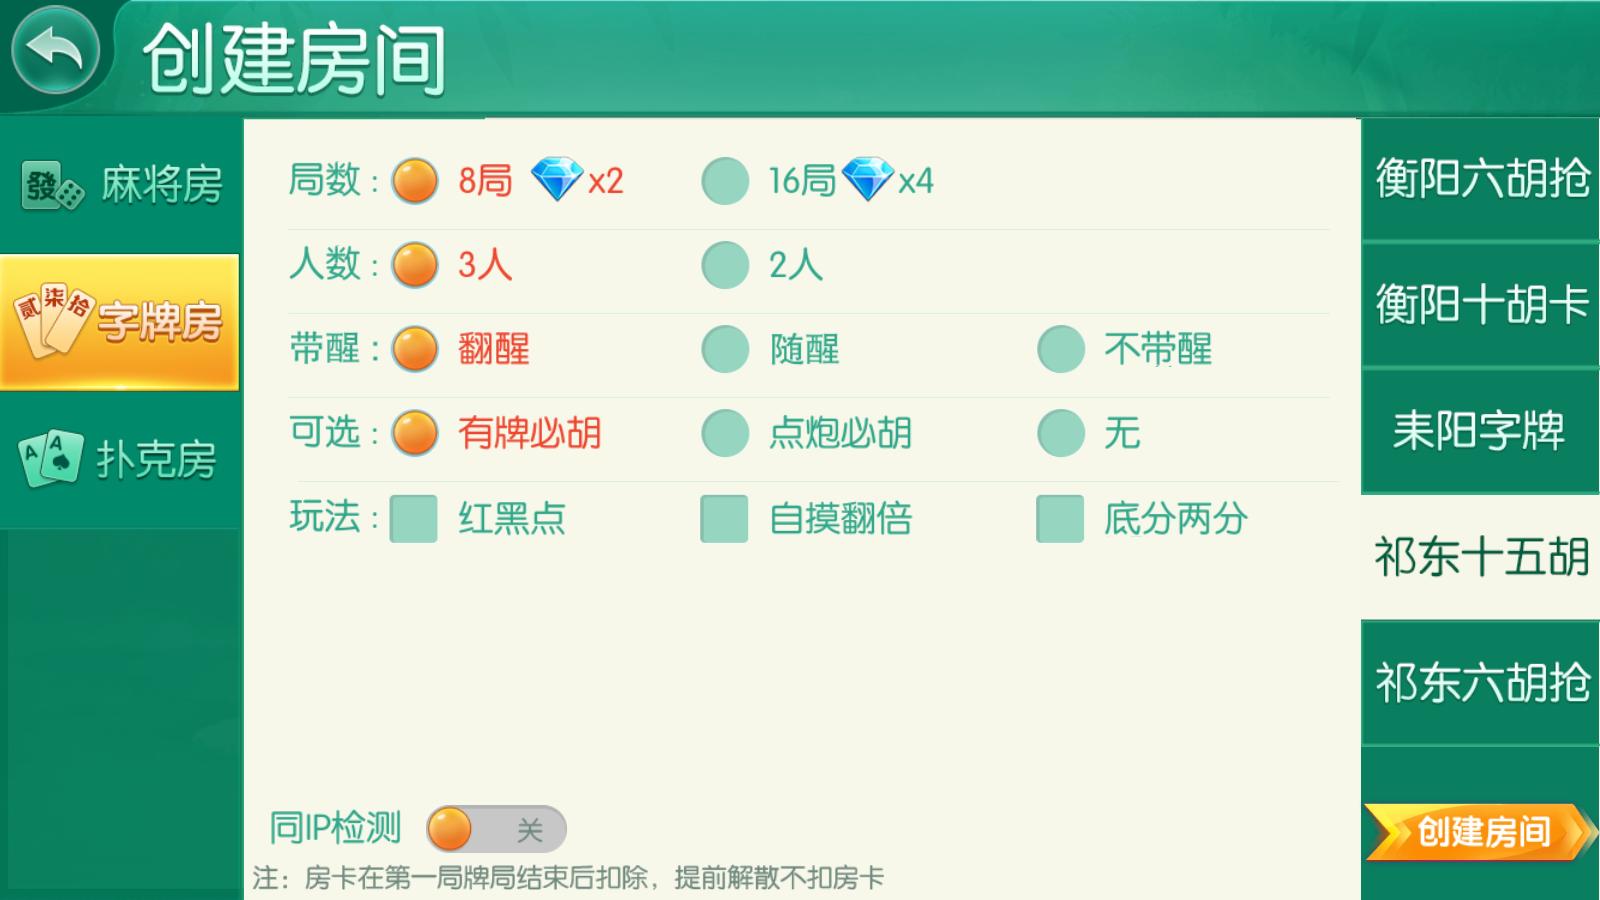 网狐二开跑胡子合集 麻将游戏 字牌游戏 扑克游戏 完整整理-第16张